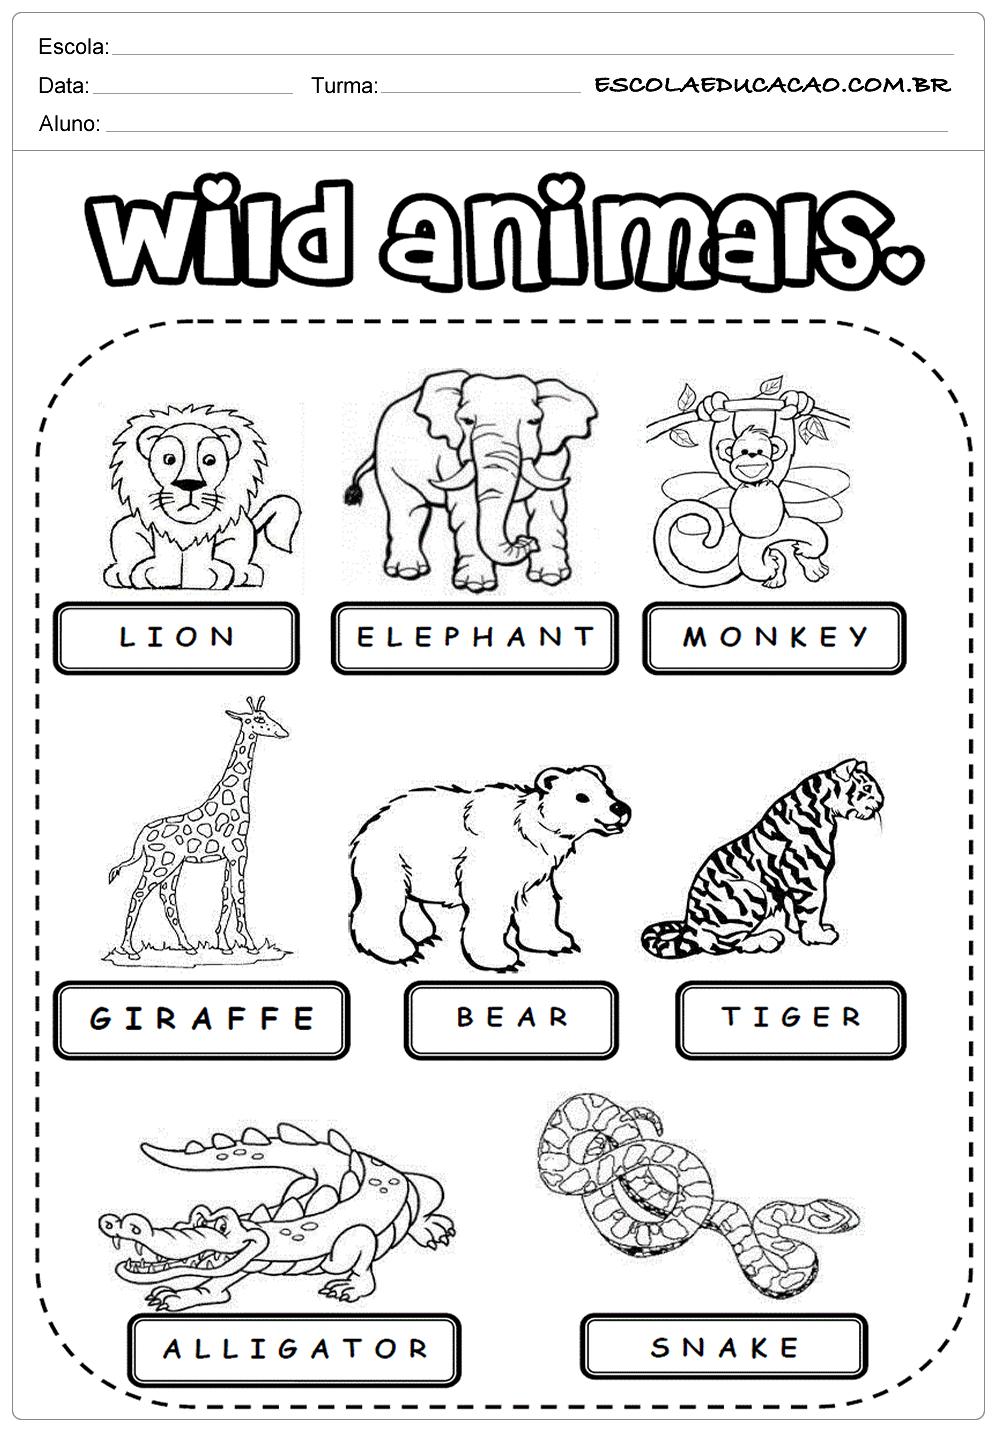 Atividades de Inglês 2º ano - Animais - Escola Educação